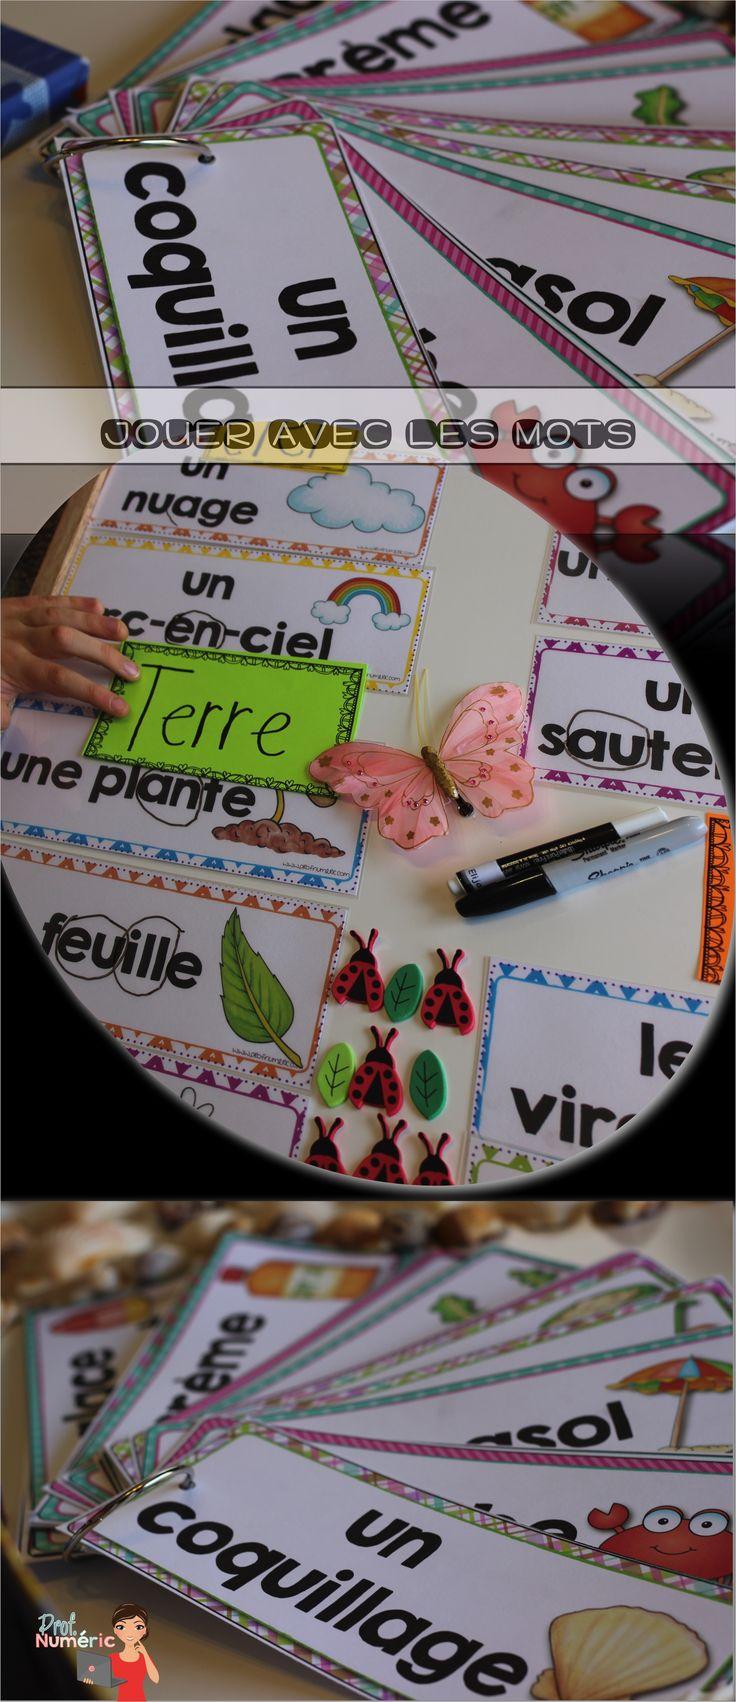 Quelques idées d'utilisation des mots-étiquettes en salle de classe primaire. #daily5 #littératie #lecture #fun